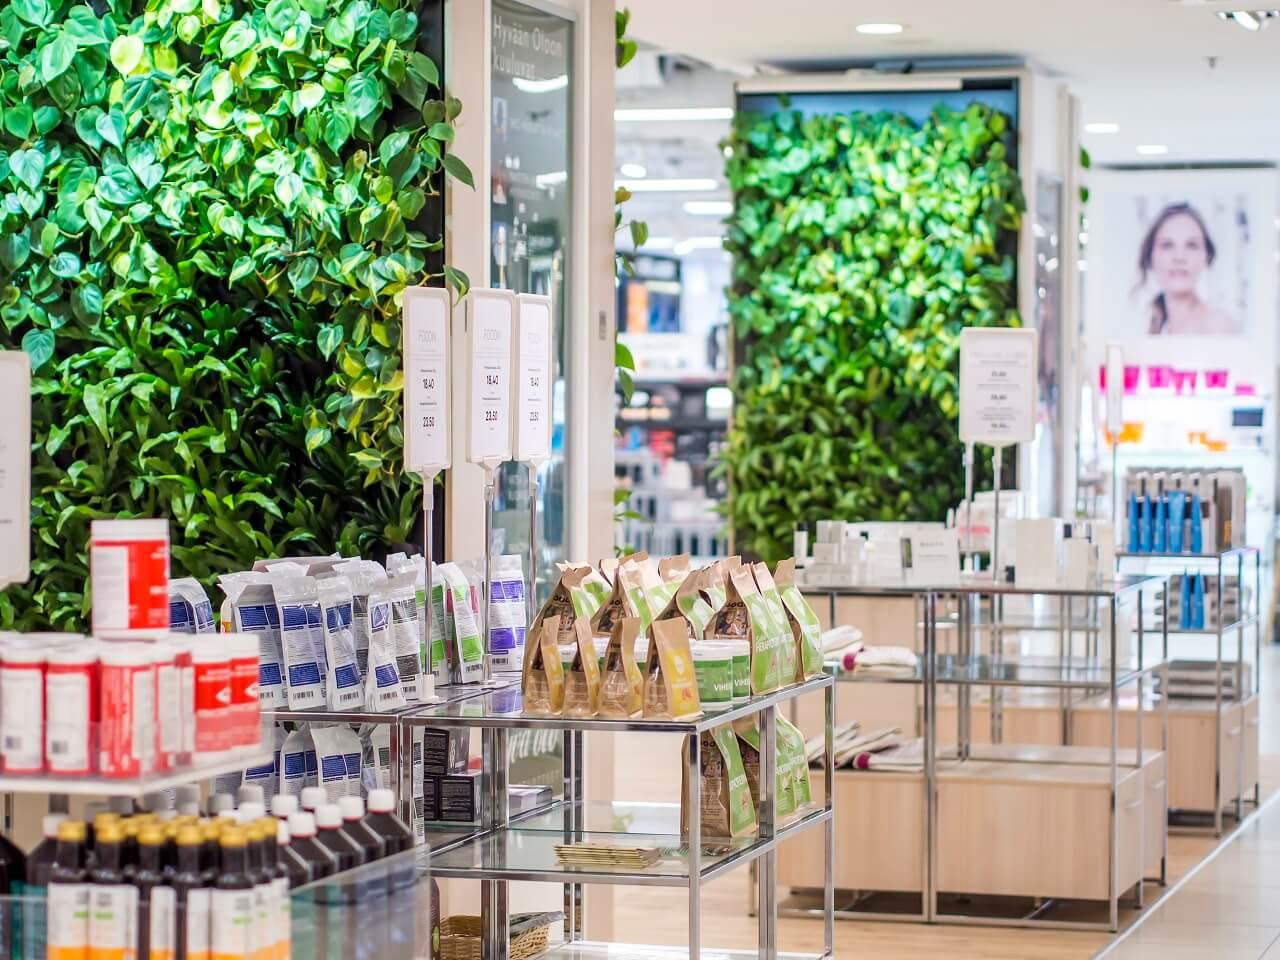 Luonnonmukaisten tuotteiden supermarket.